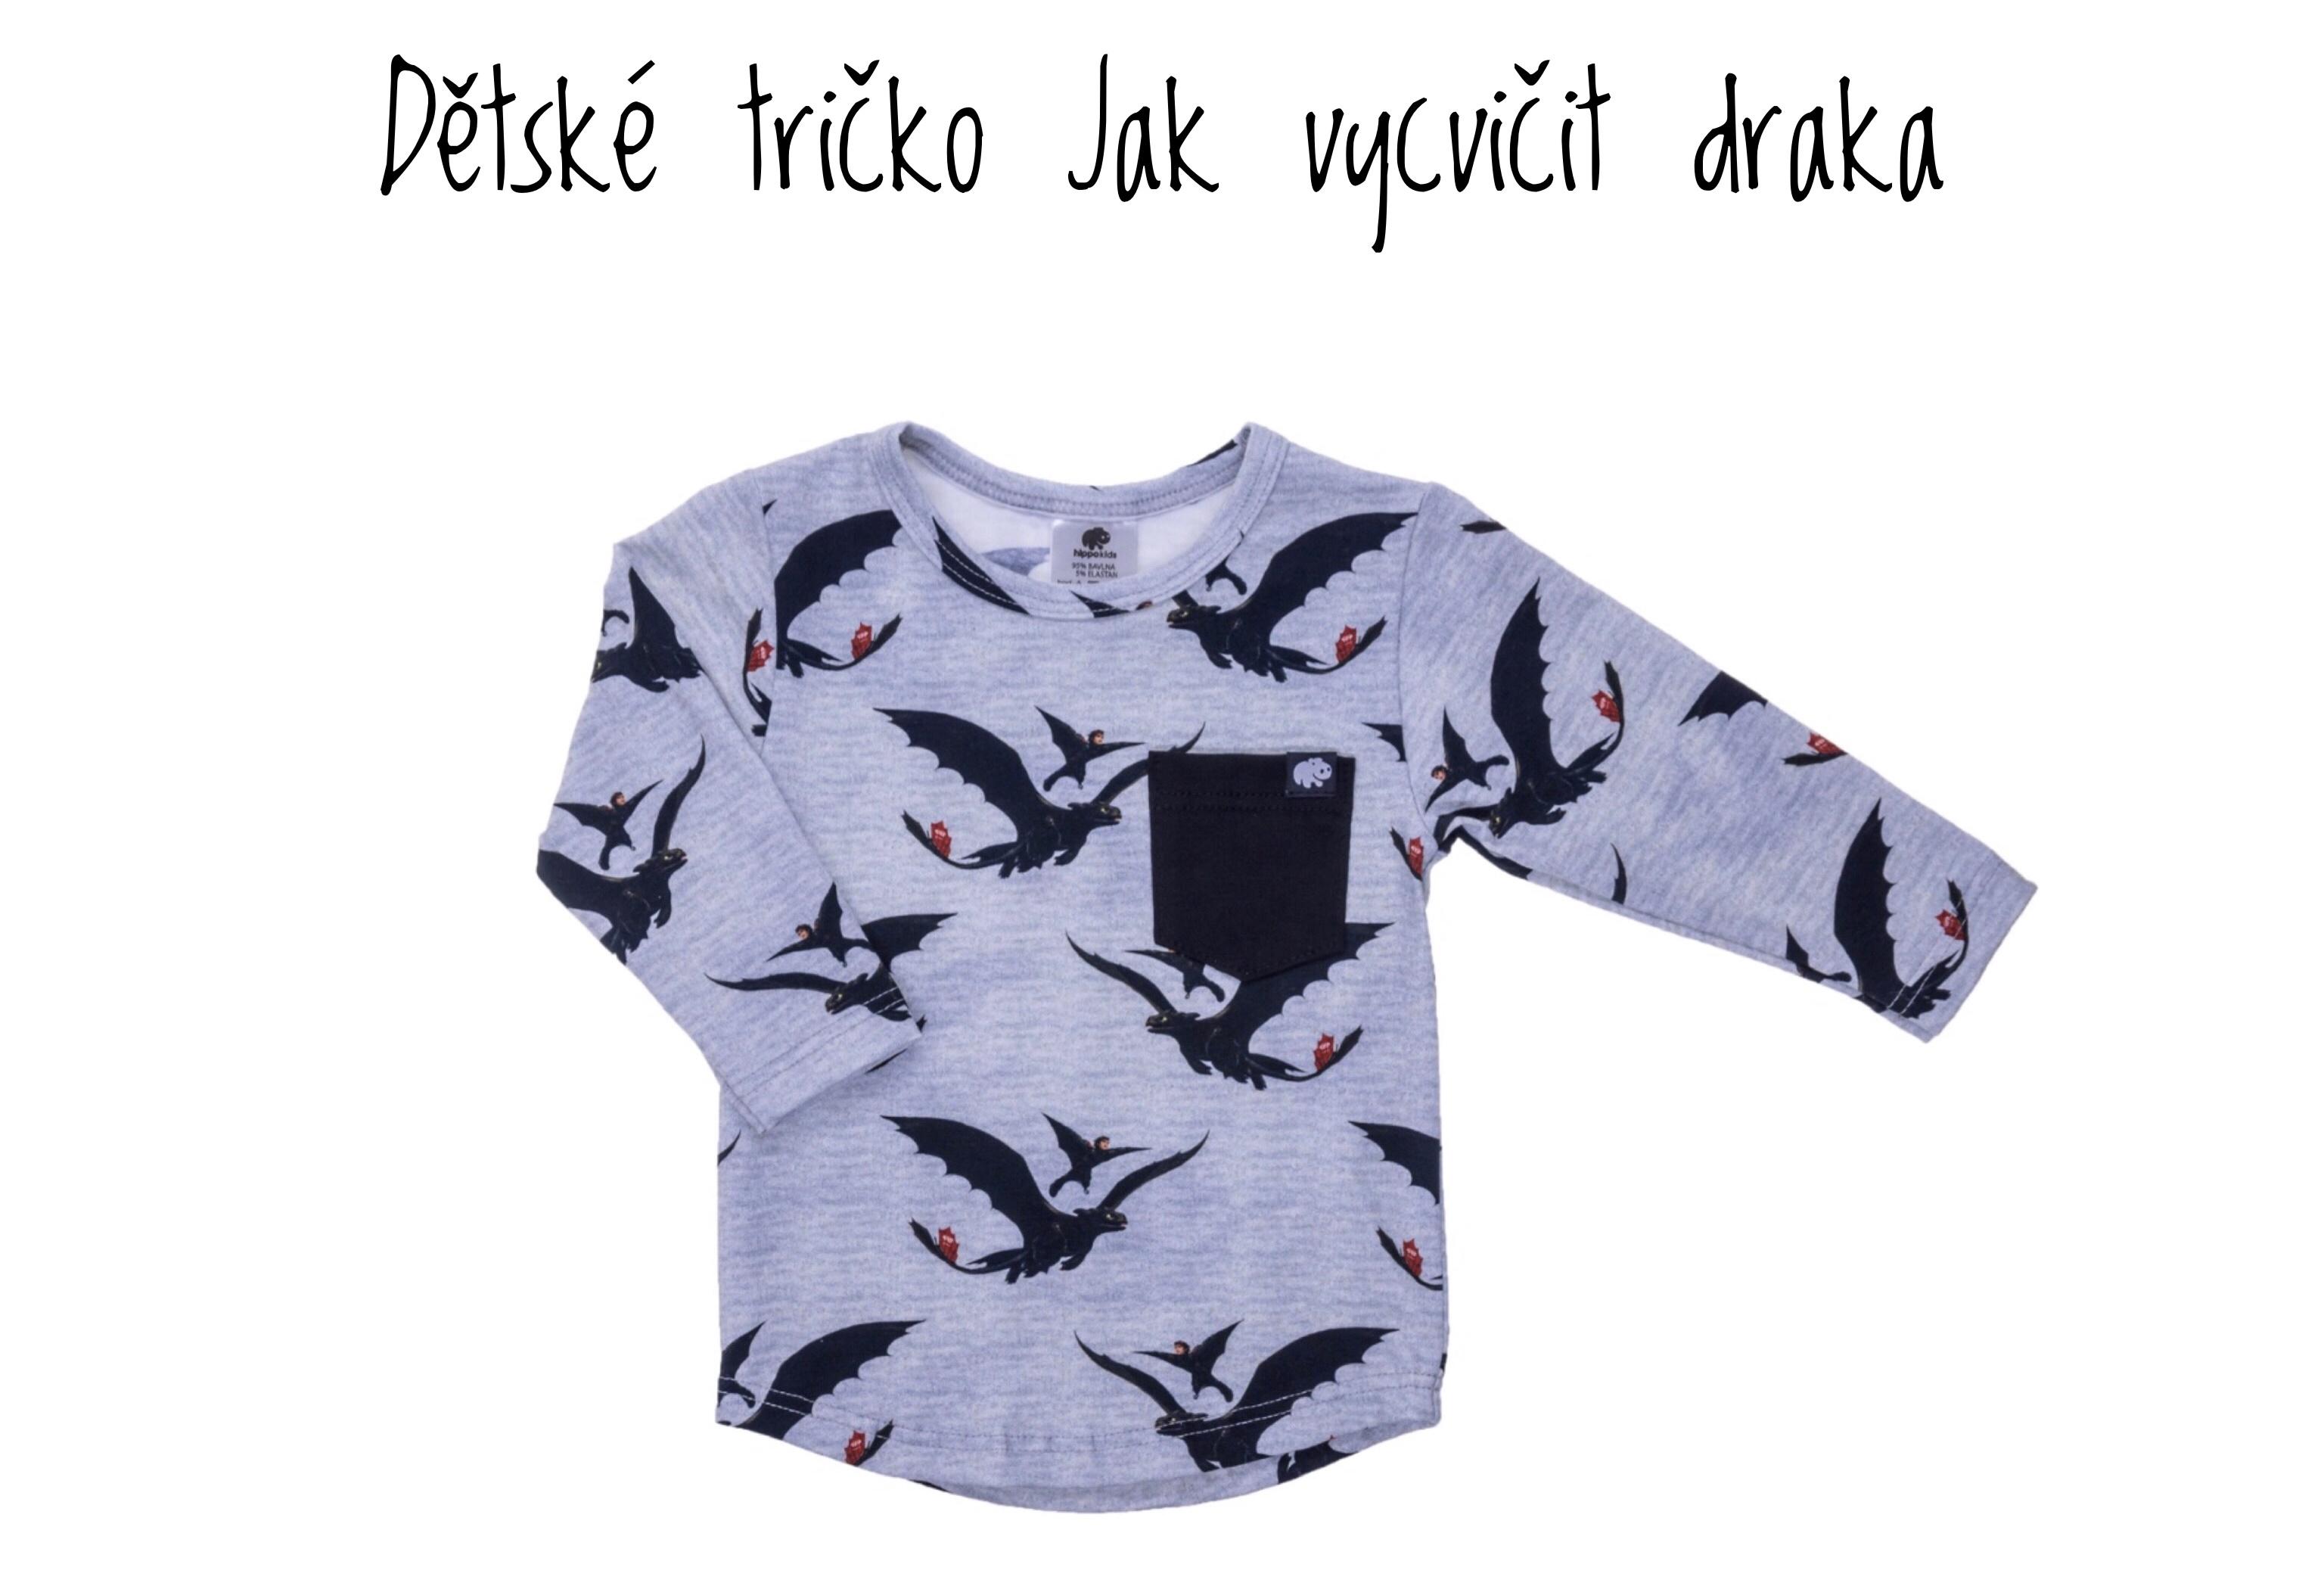 Dětské tričko Jak vycvičit draka